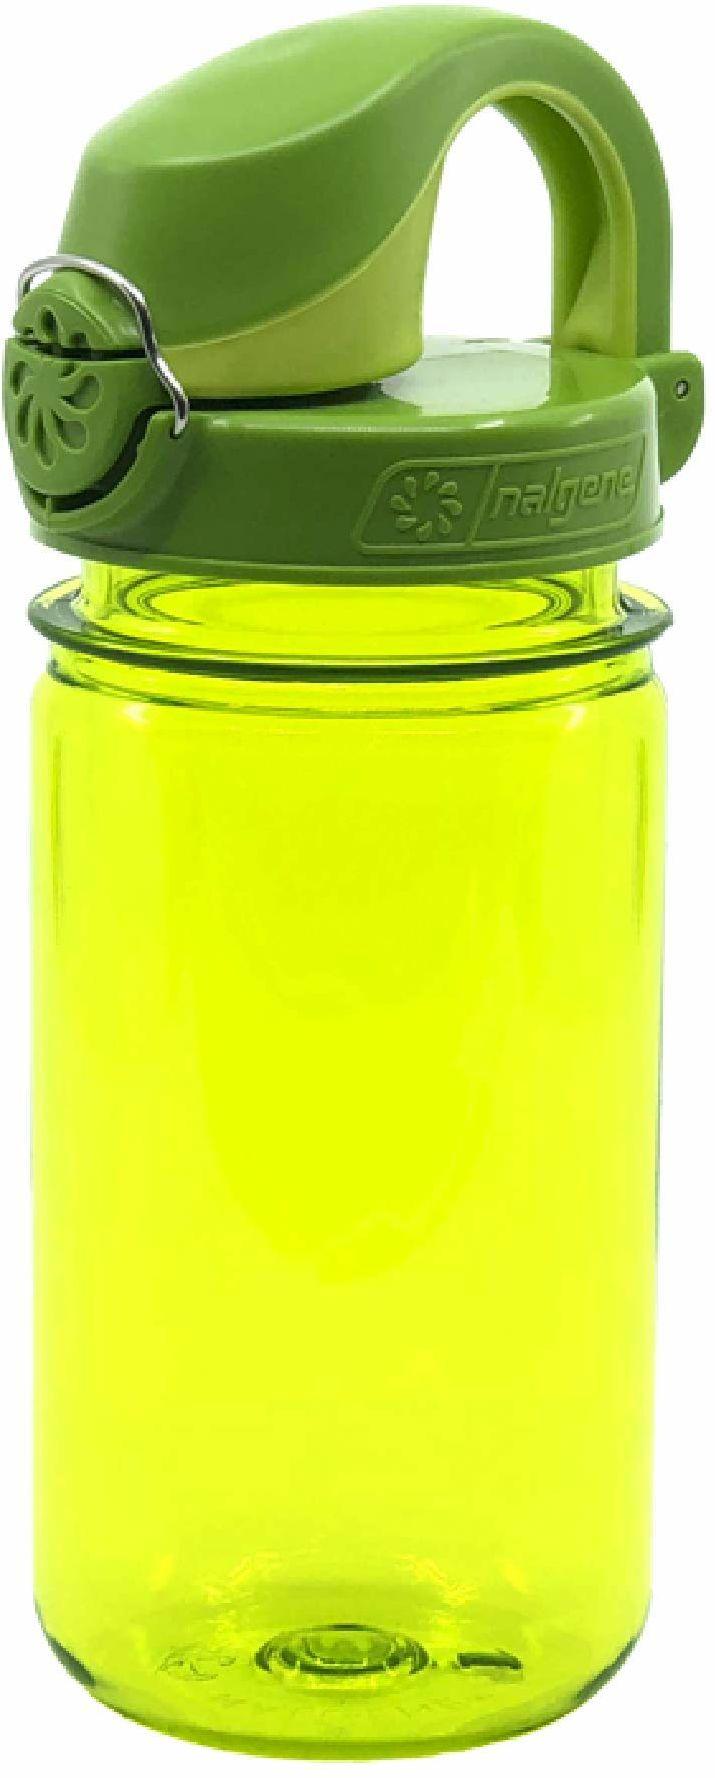 Nalgene Szczelna butelka na wodę dla dzieci na zewnątrz na kemping dostępna w kolorze zielonym - 375 ml